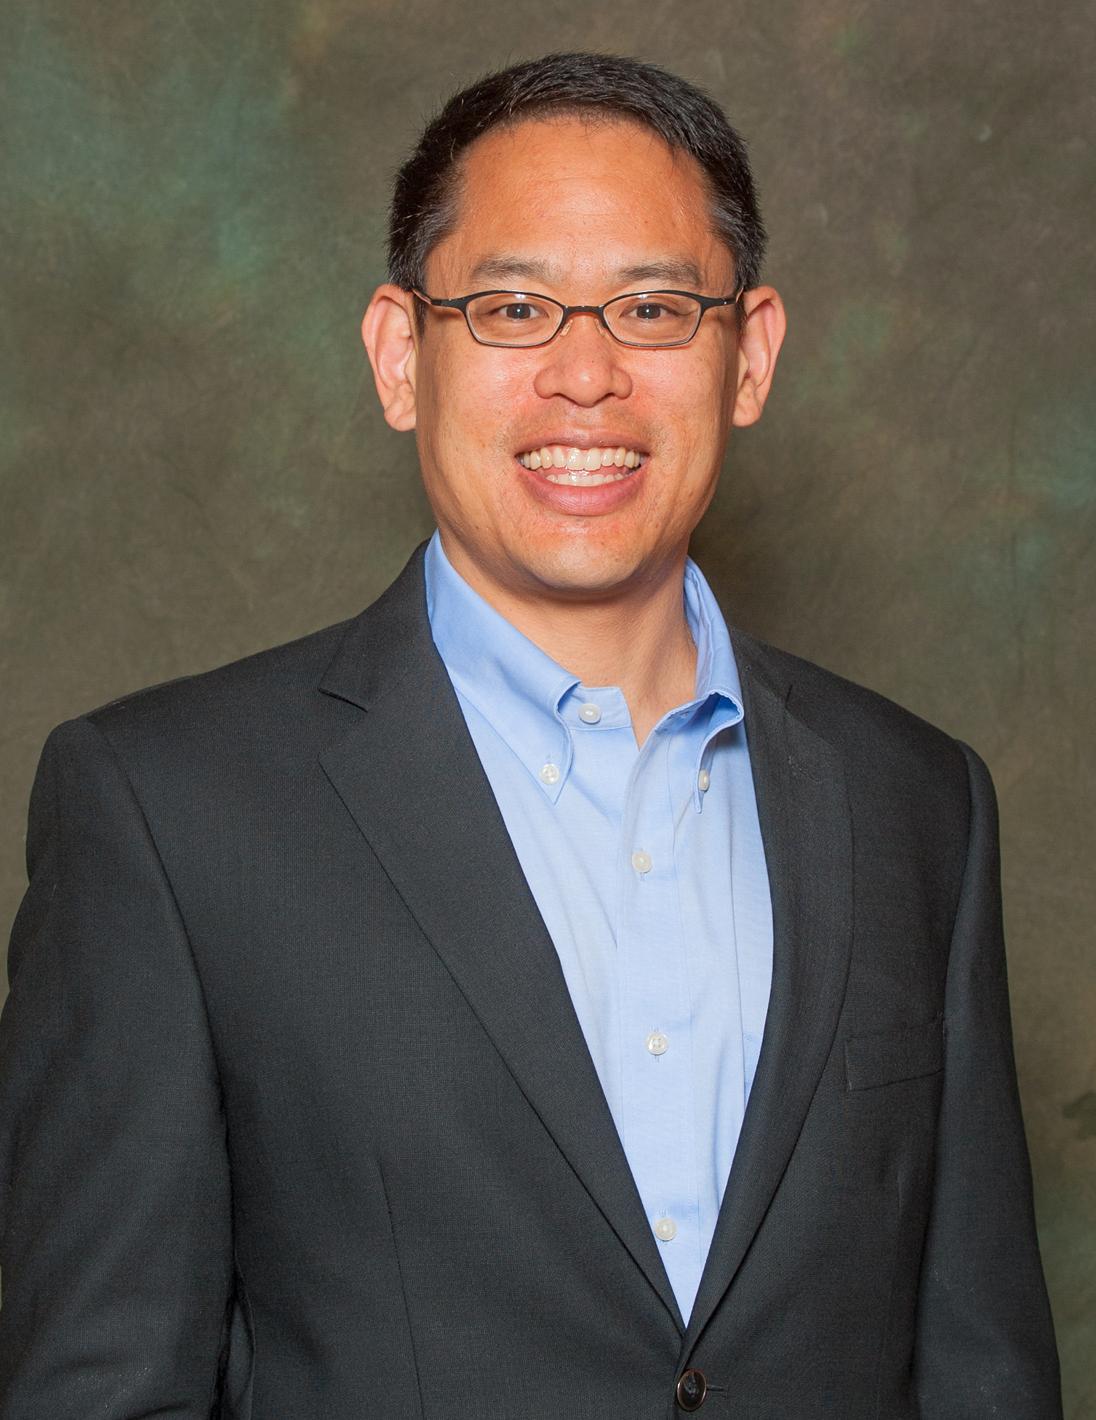 """El físico Stephen Hsu desarrolló un """"predictor"""" genético que utiliza el aprendizaje automático para estimar la altura, dentro de los tres centímetros, del ADN de una persona."""